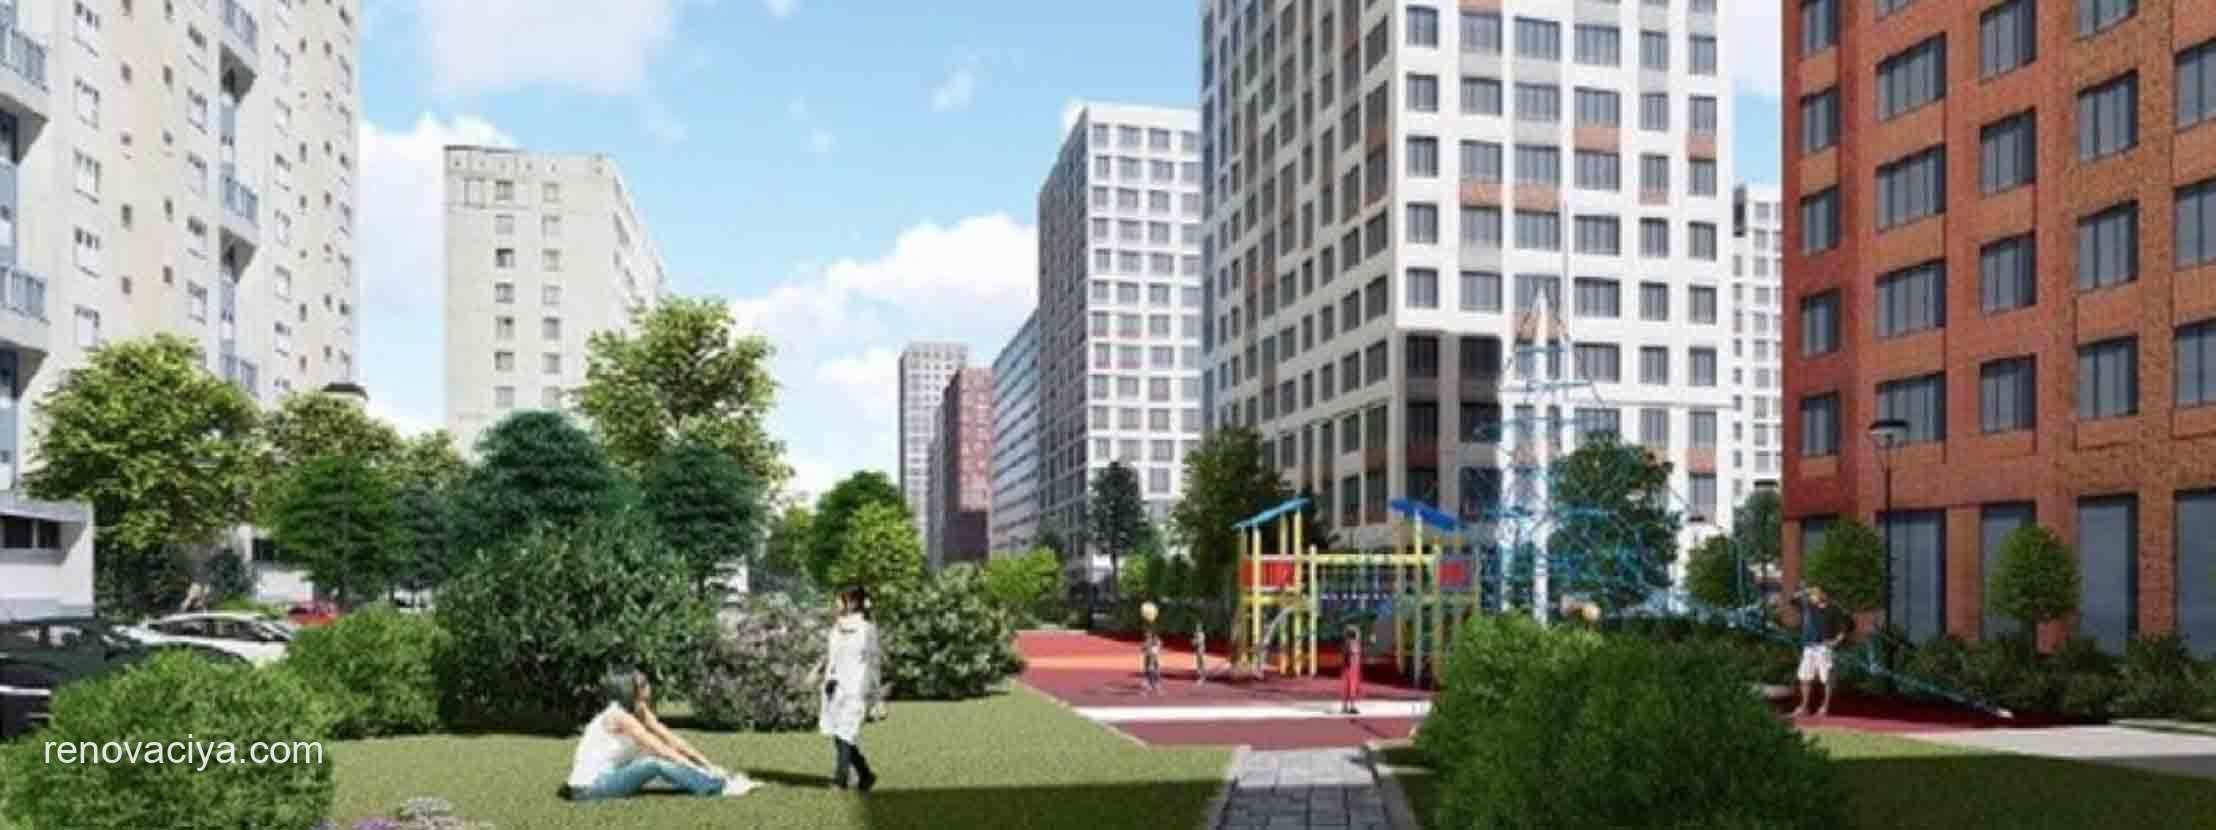 Проект планировки 5-го микрорайона Северного Тушино